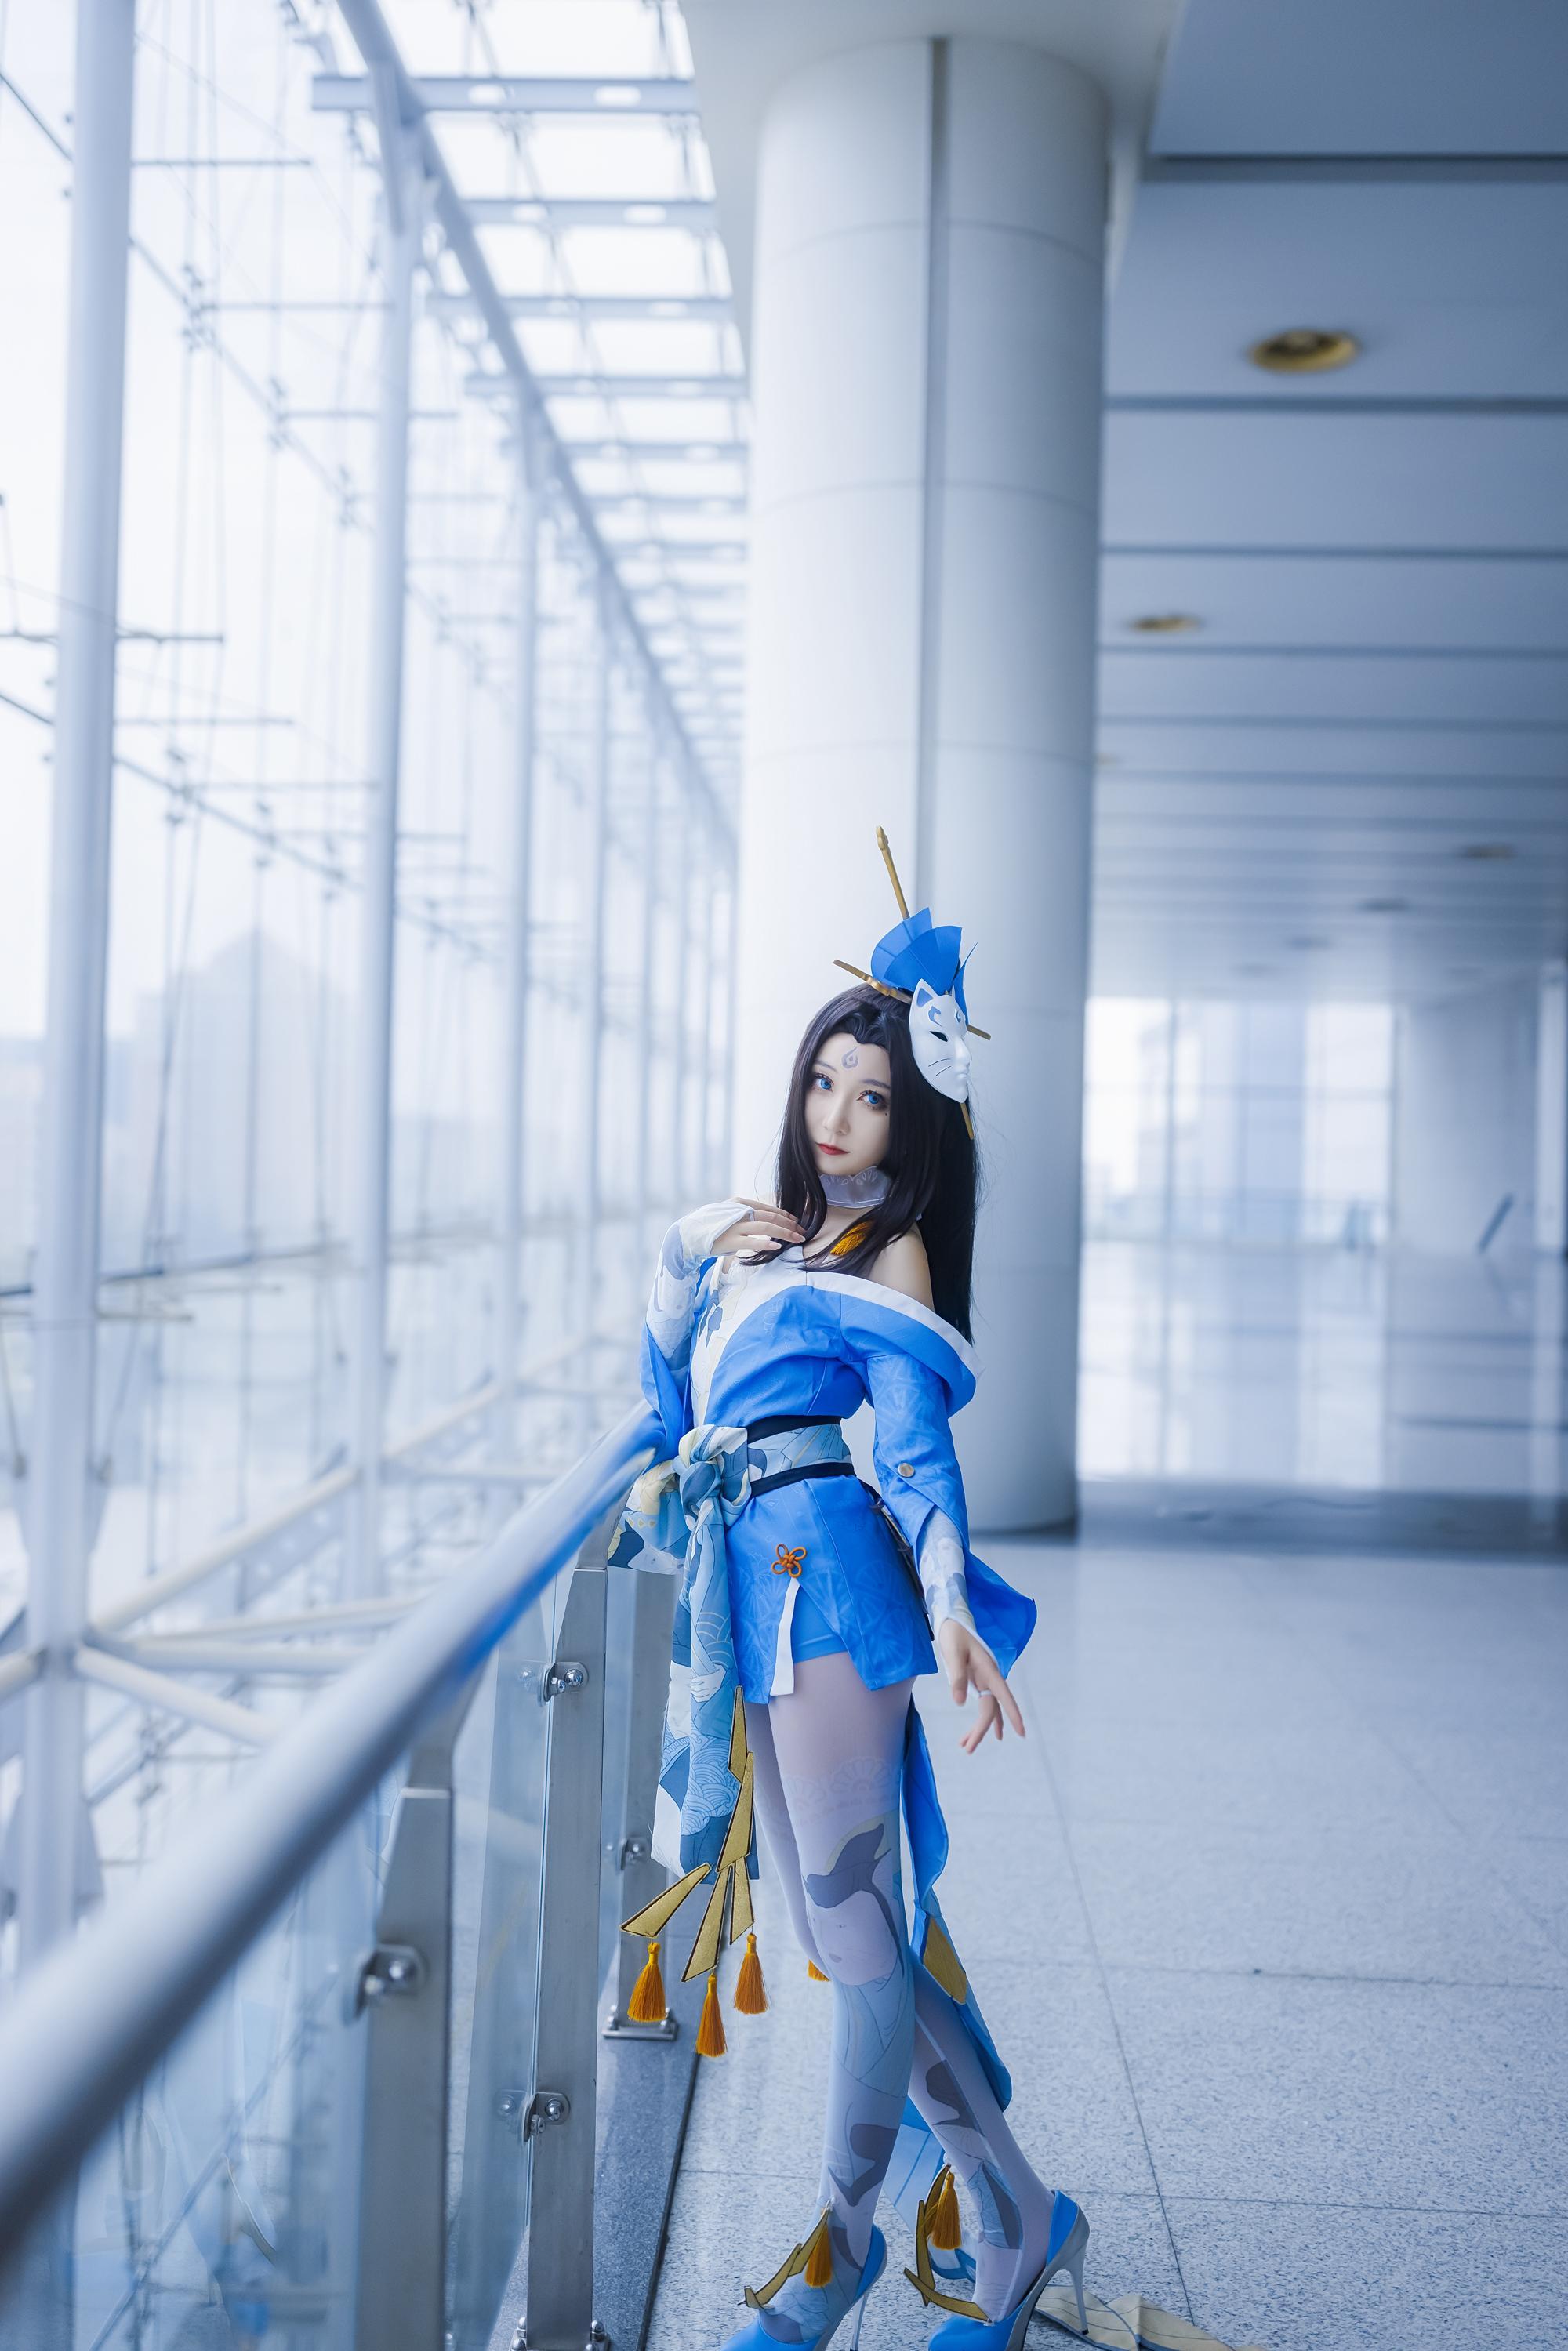 《王者荣耀》不知火舞cosplay【CN:kk蓝璃】-第7张